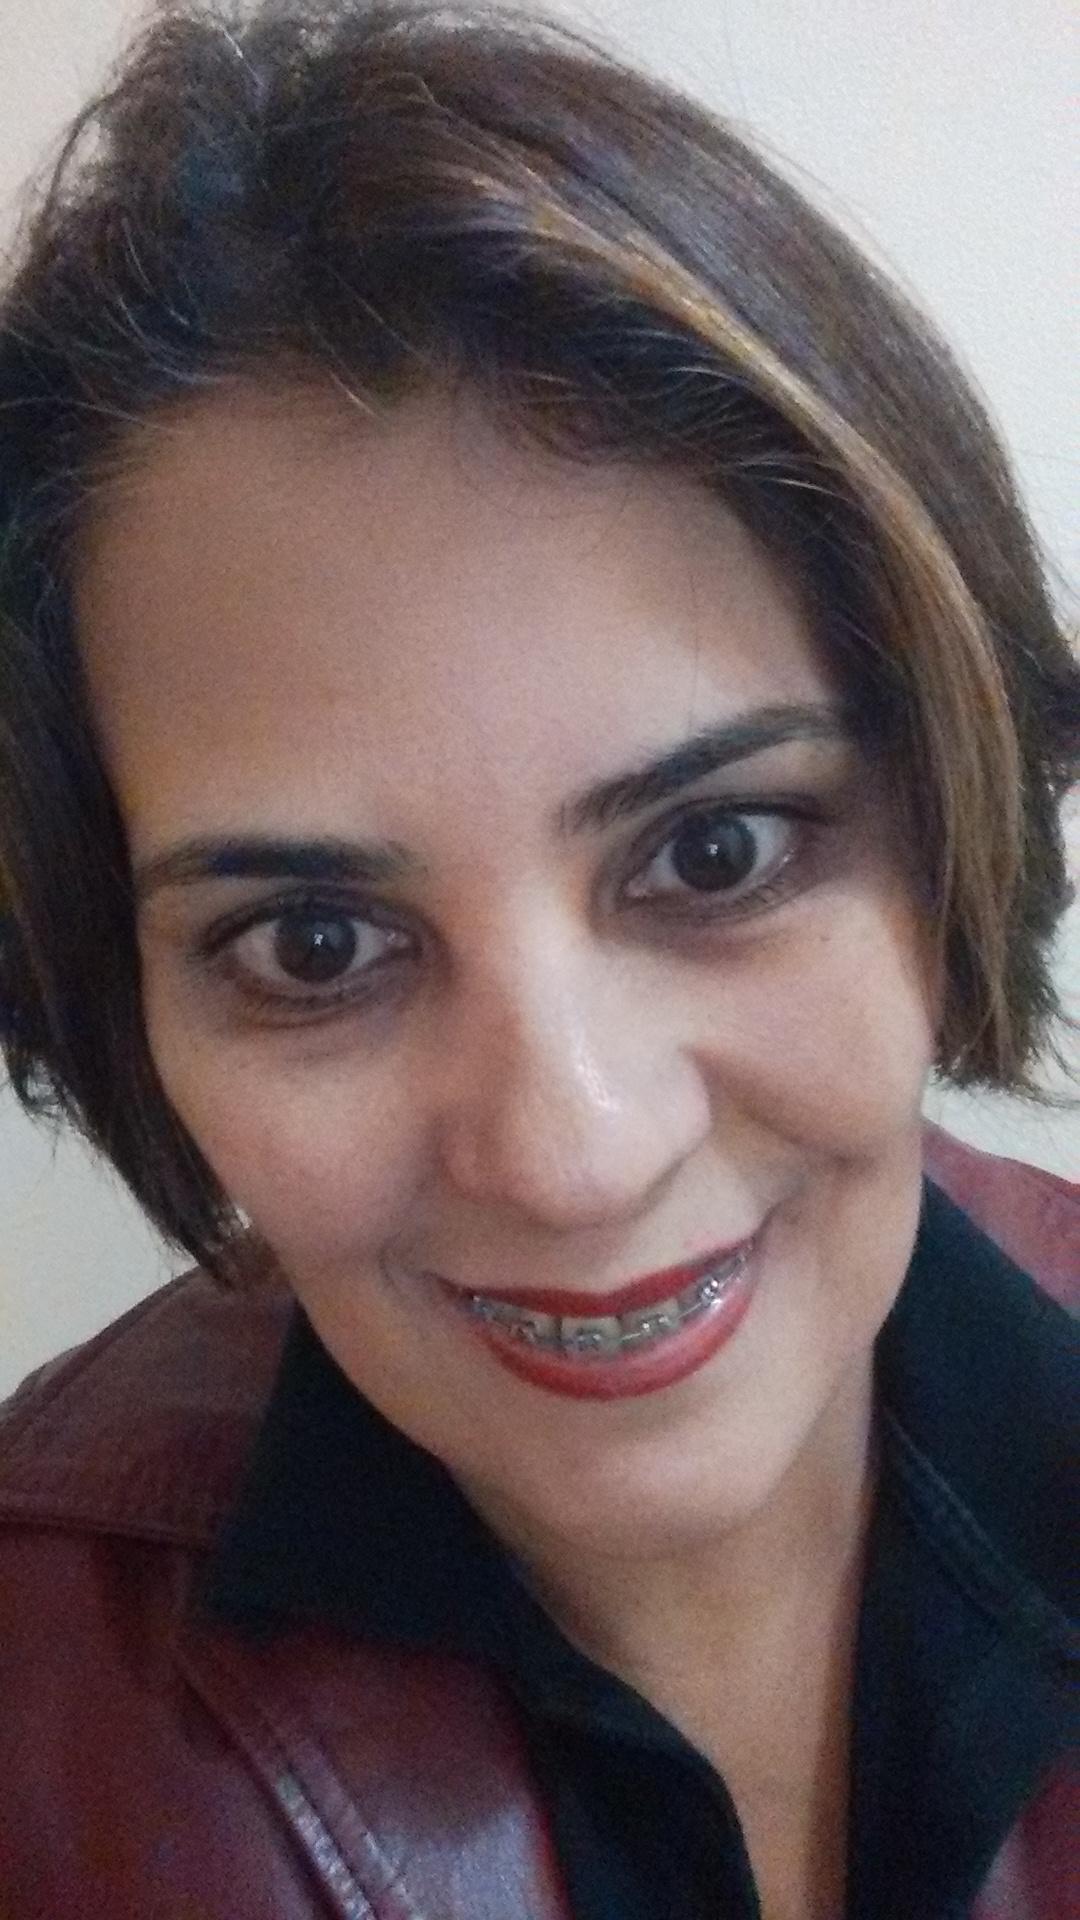 Aluno Márcia Cristina Malheiros